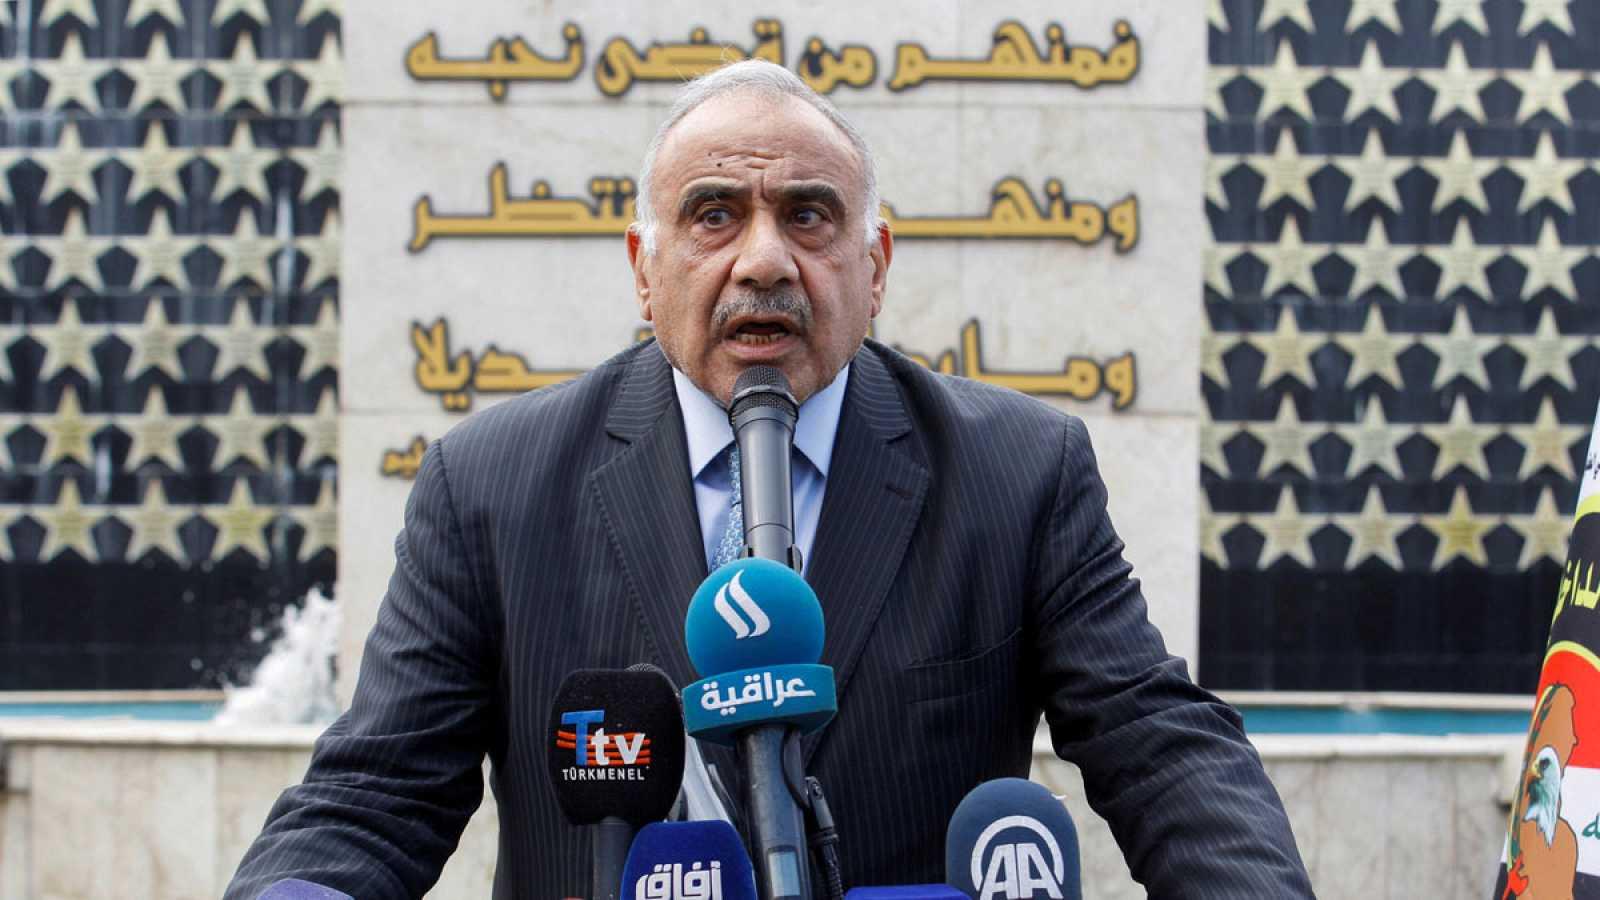 El primer ministro iraquí, Adel Abdelmahdi, en un discurso durante el funeral del General Ali Al-Lami, jefe de la Cuarta División de la Policía Federal y que fueasesinado en Bagdad el 23 de octubre de 2019